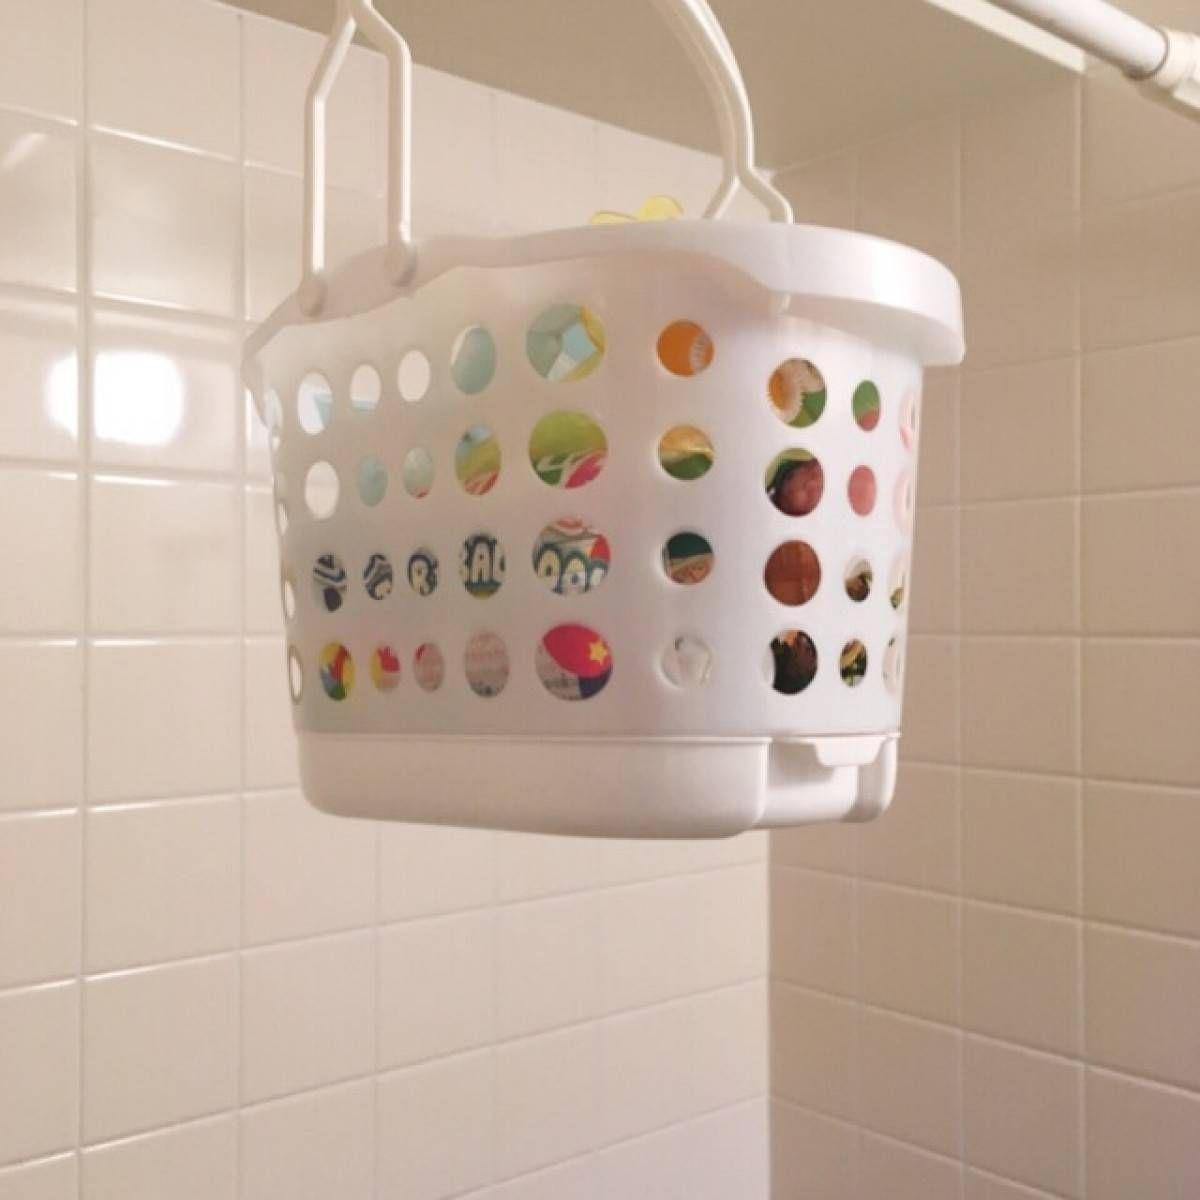 セリア お風呂バスケット が理想的すぎる その理由は底にある アレ お風呂 おもちゃ バスルーム 収納 アイデア 収納 アイデア